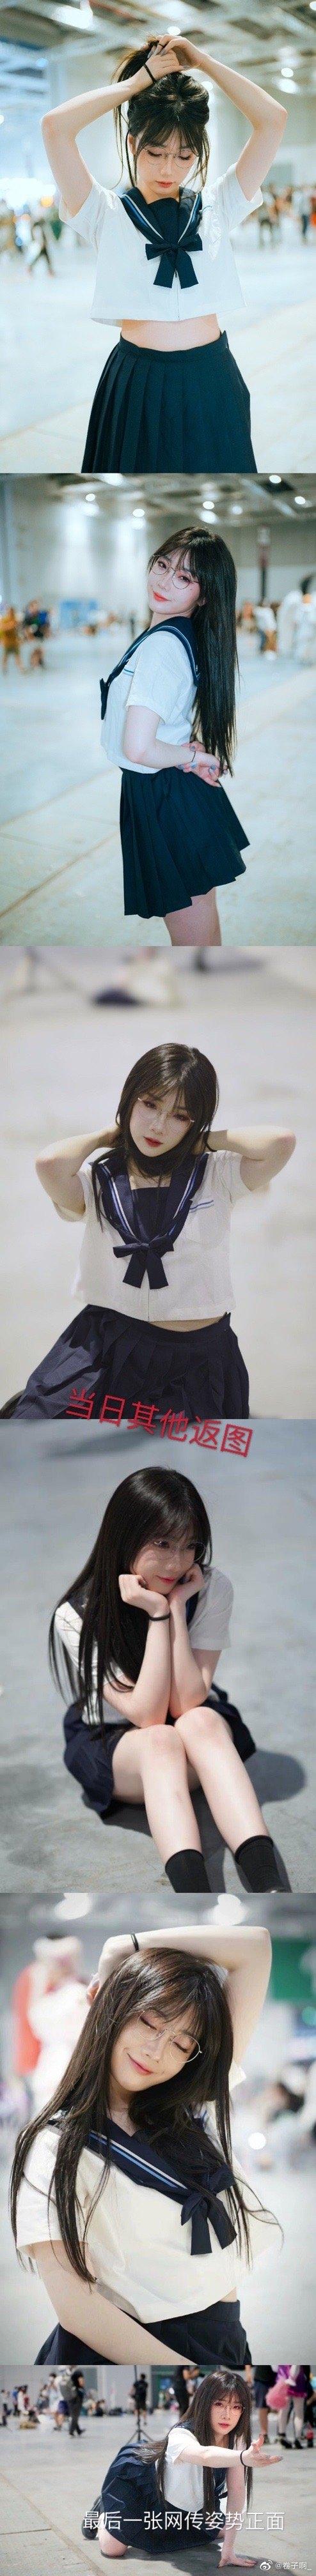 上海漫展女生穿JK擺POSE惹熱議 本人回應:沒想到有人跑到后方拍攝